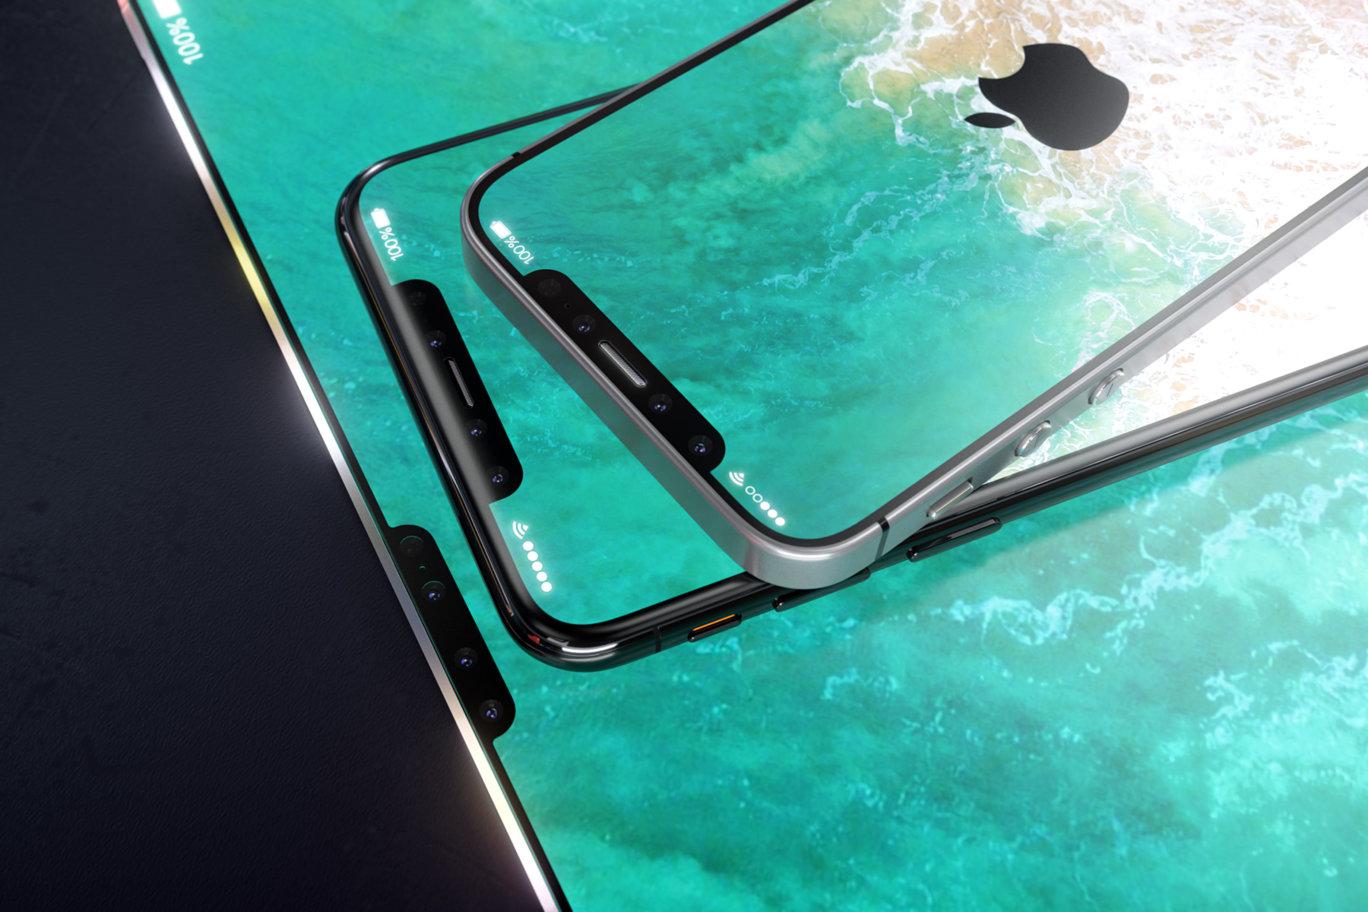 Apple demite engenheiro após filha publicar vídeo com iPhone X